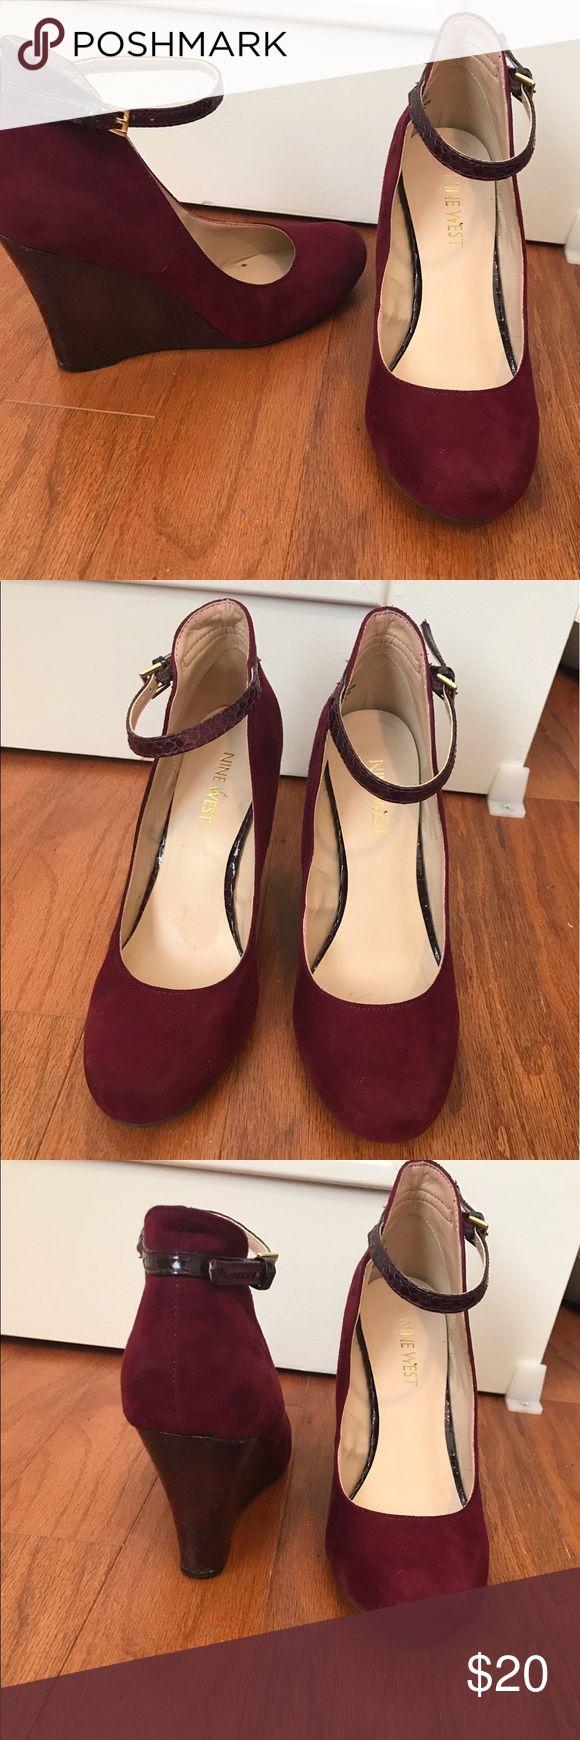 Burgandy Wedge Heels Burgandy suede and detailed wedge heels Nine West Shoes